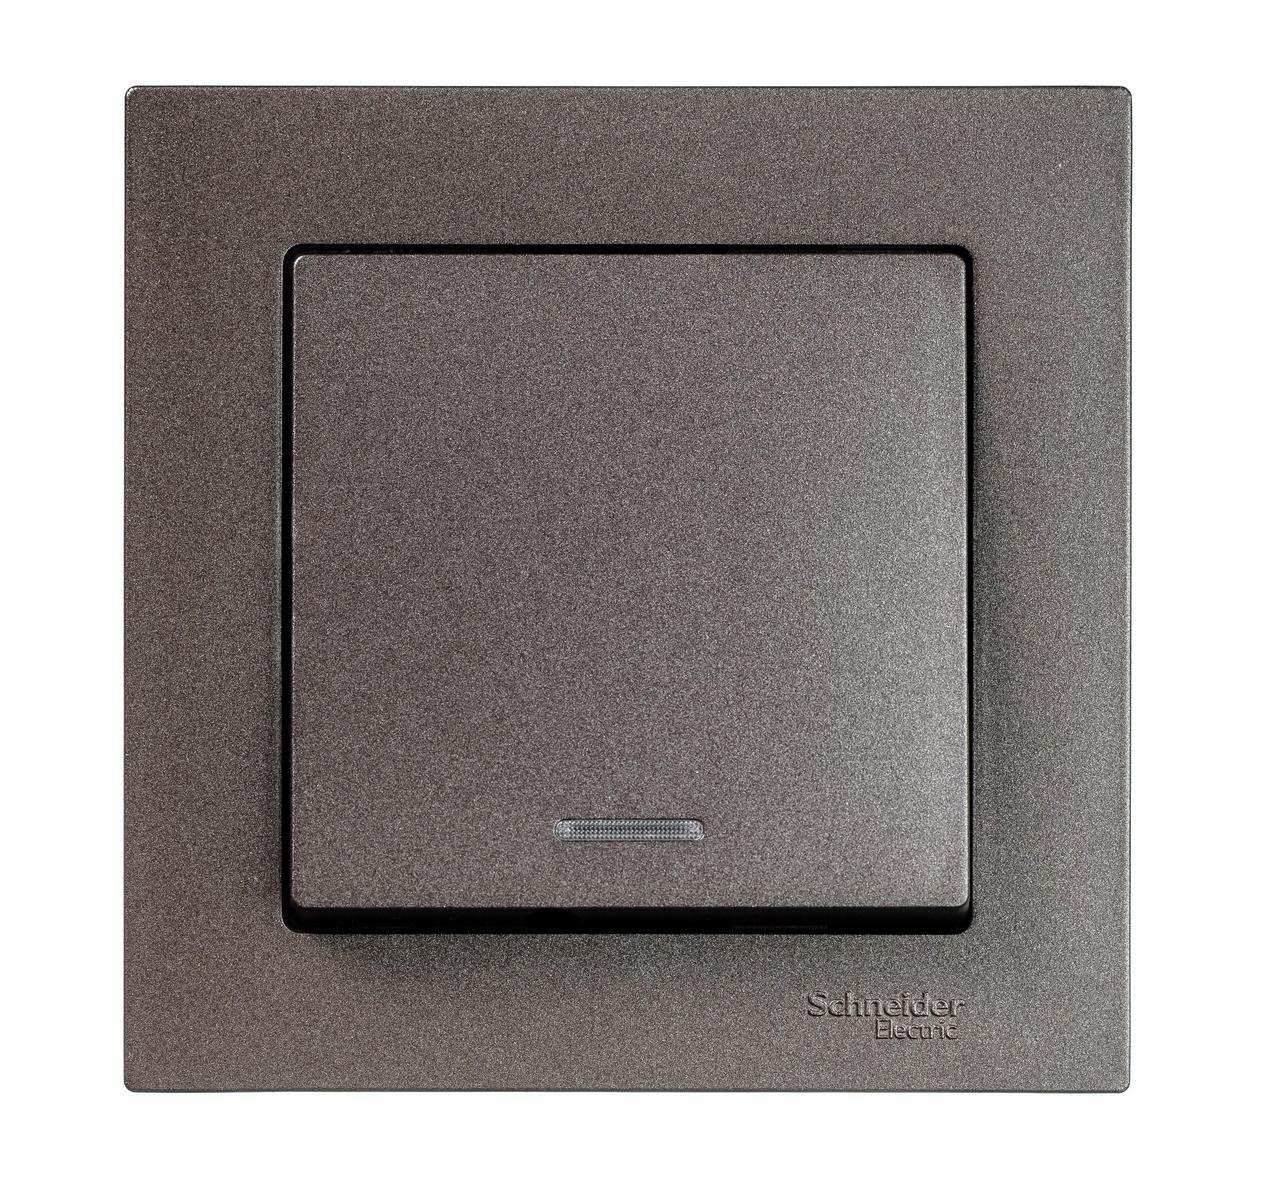 Выключатель 1-клавишный , с подсветкой , Мокко, серия Atlas Design, Schneider Electric